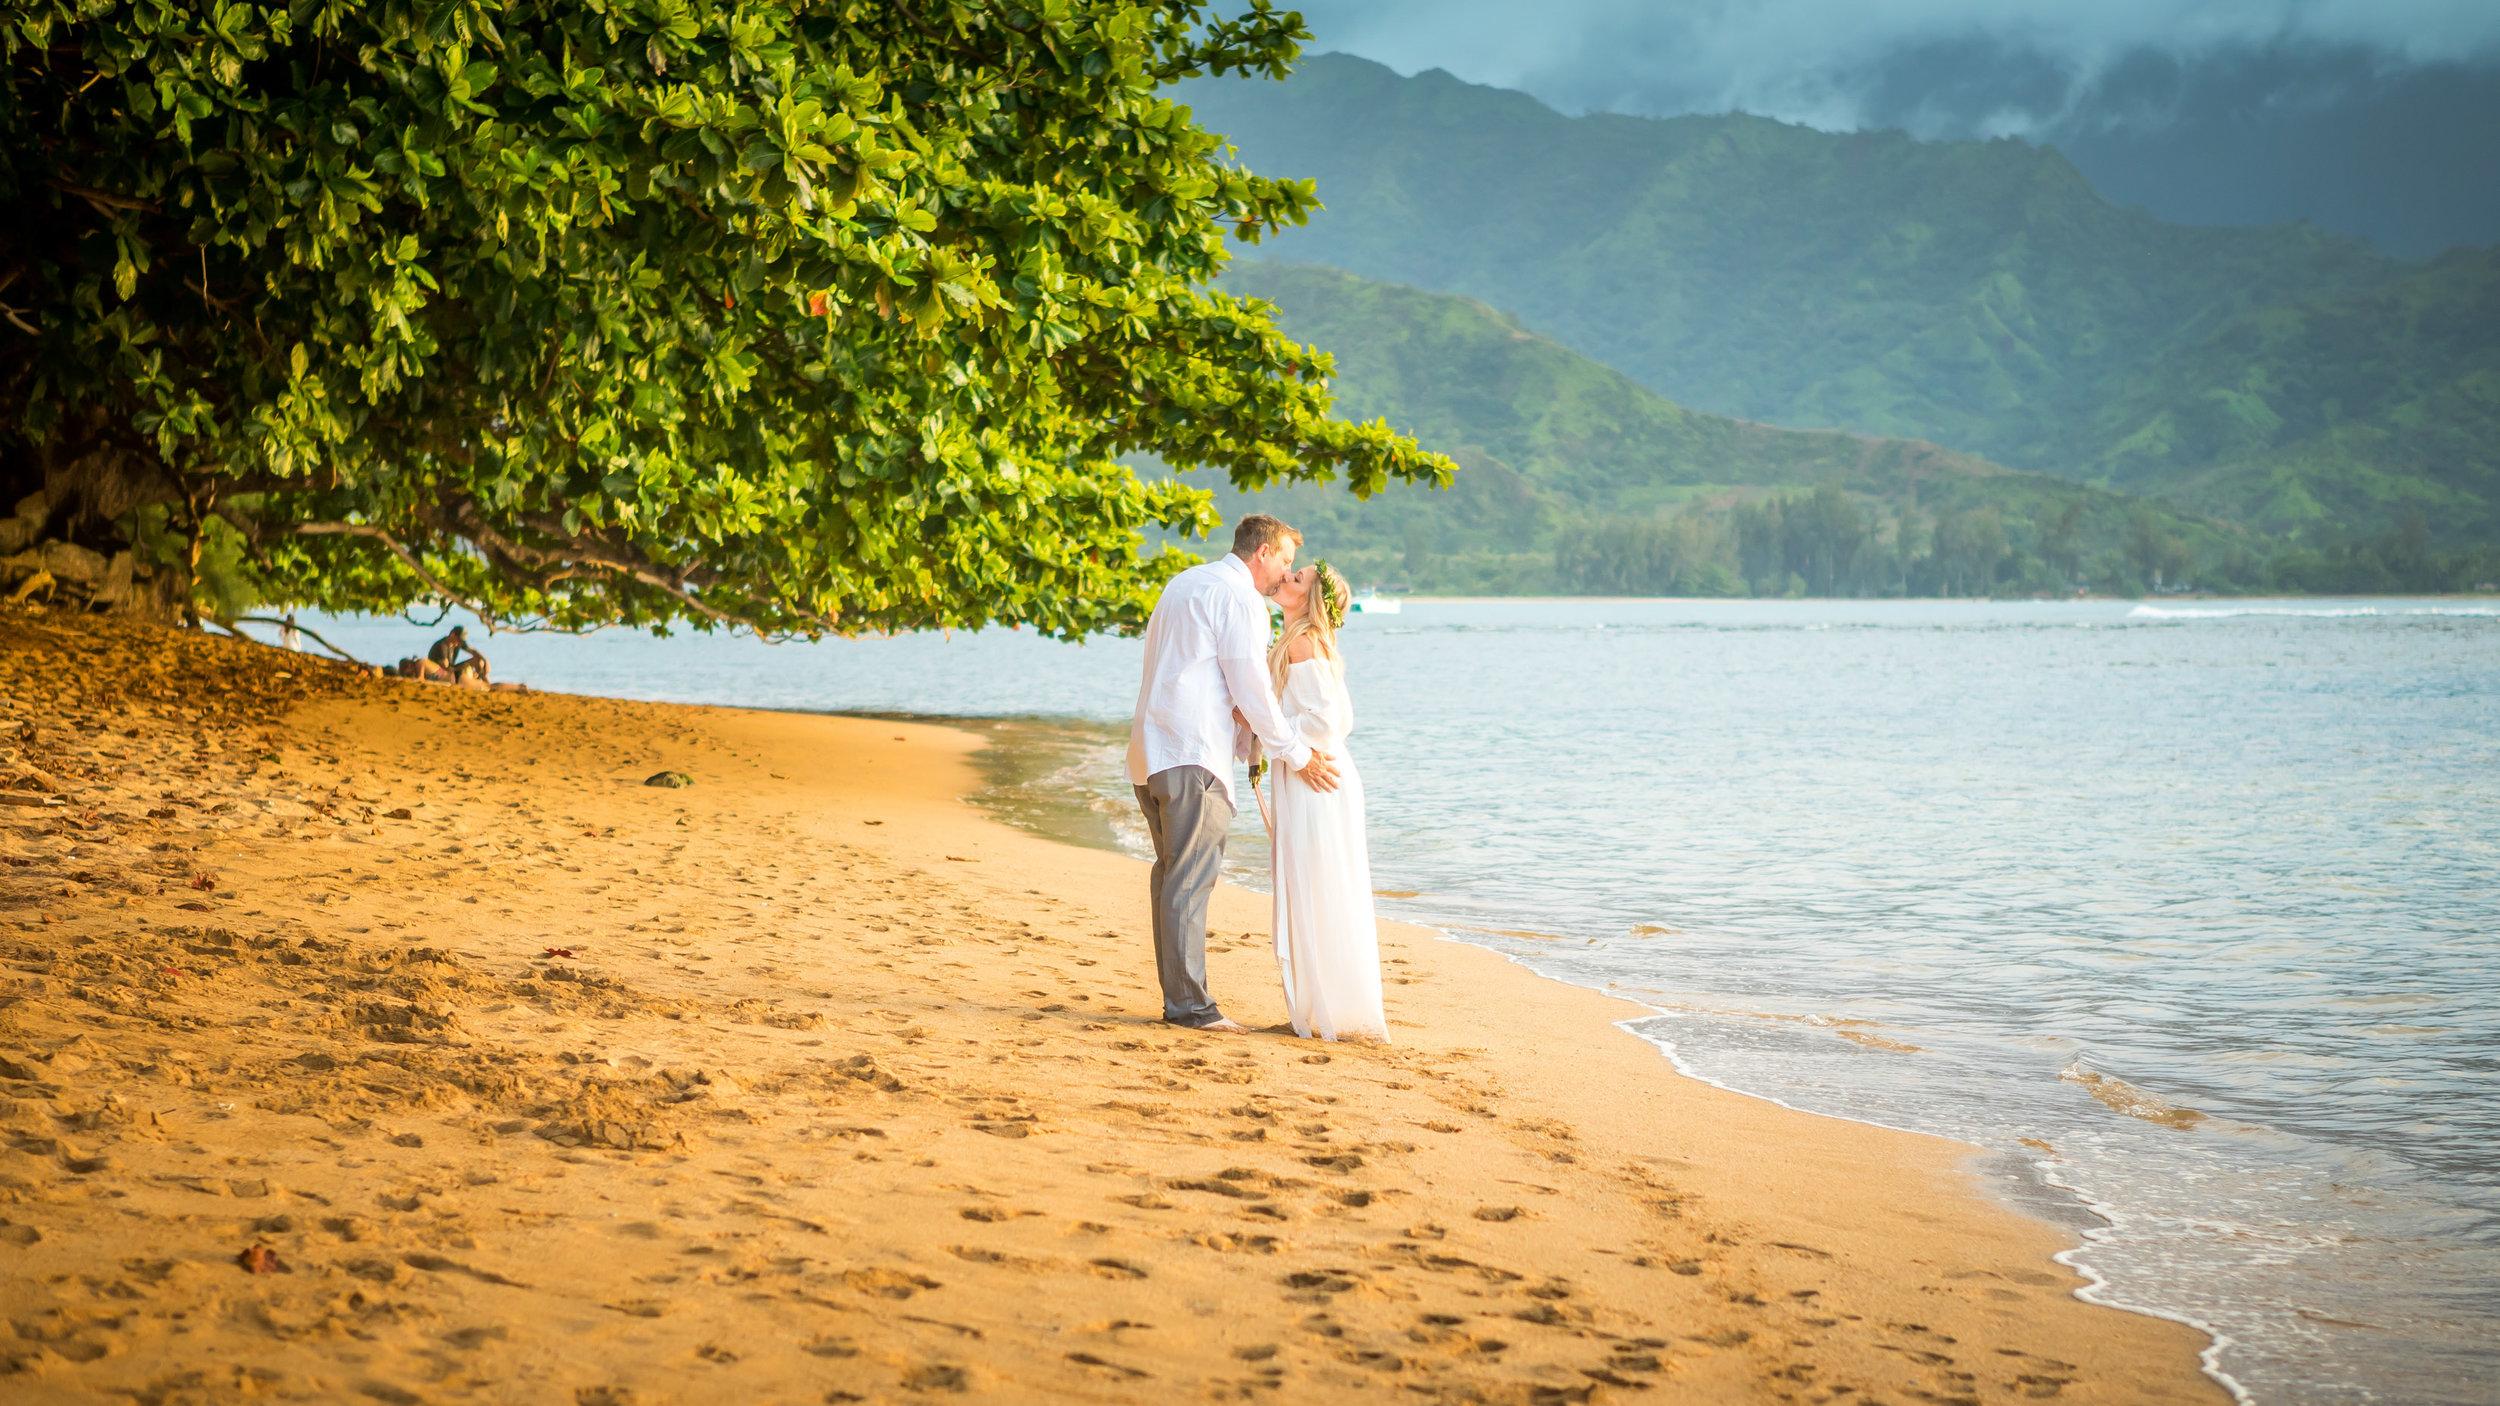 Kauai Beach Wedding Photograph-13